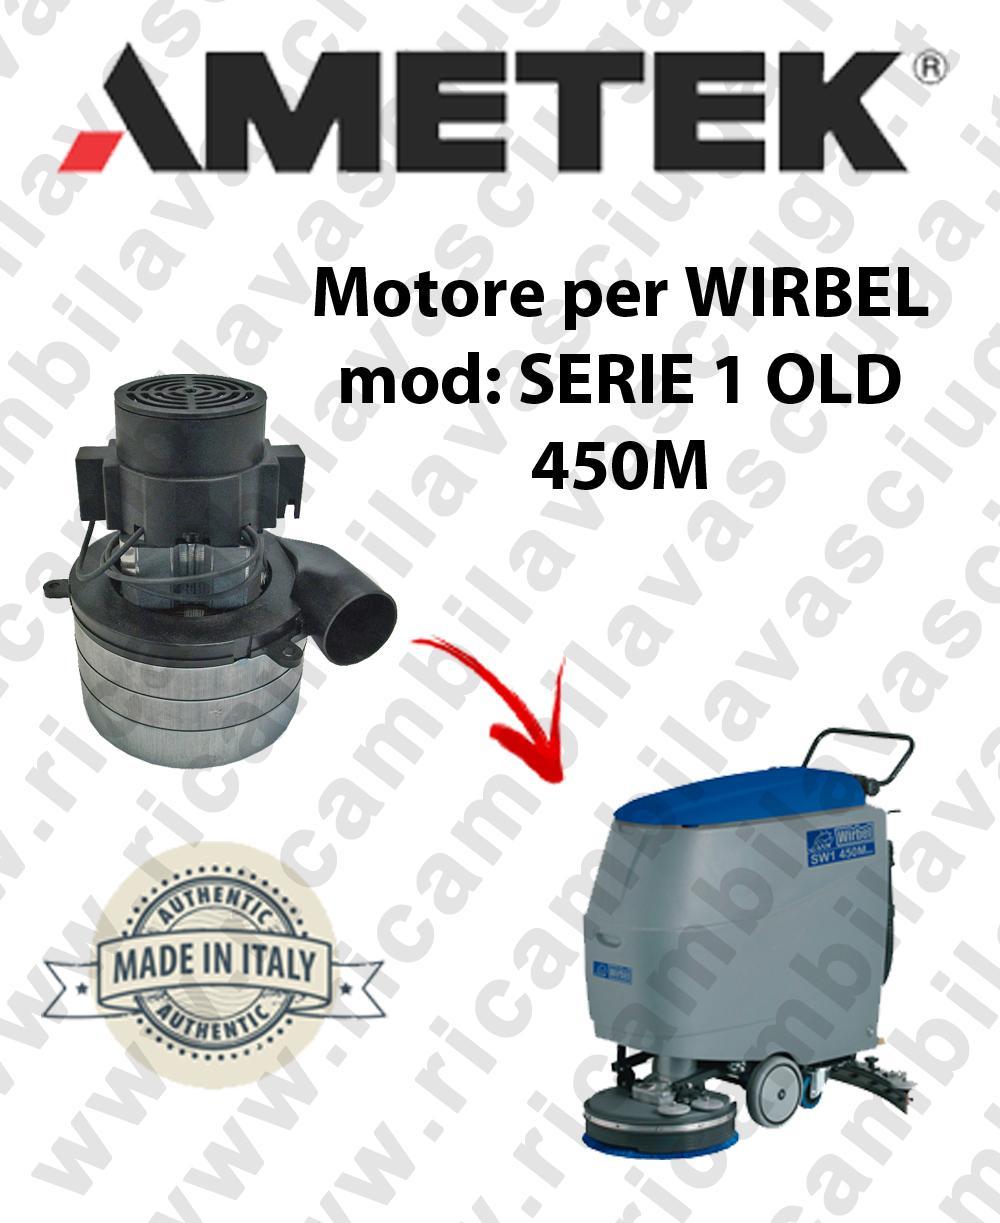 SERIE 1 OLD 450M MOTORE AMETEK di aspirazione per lavapavimenti WIRBEL